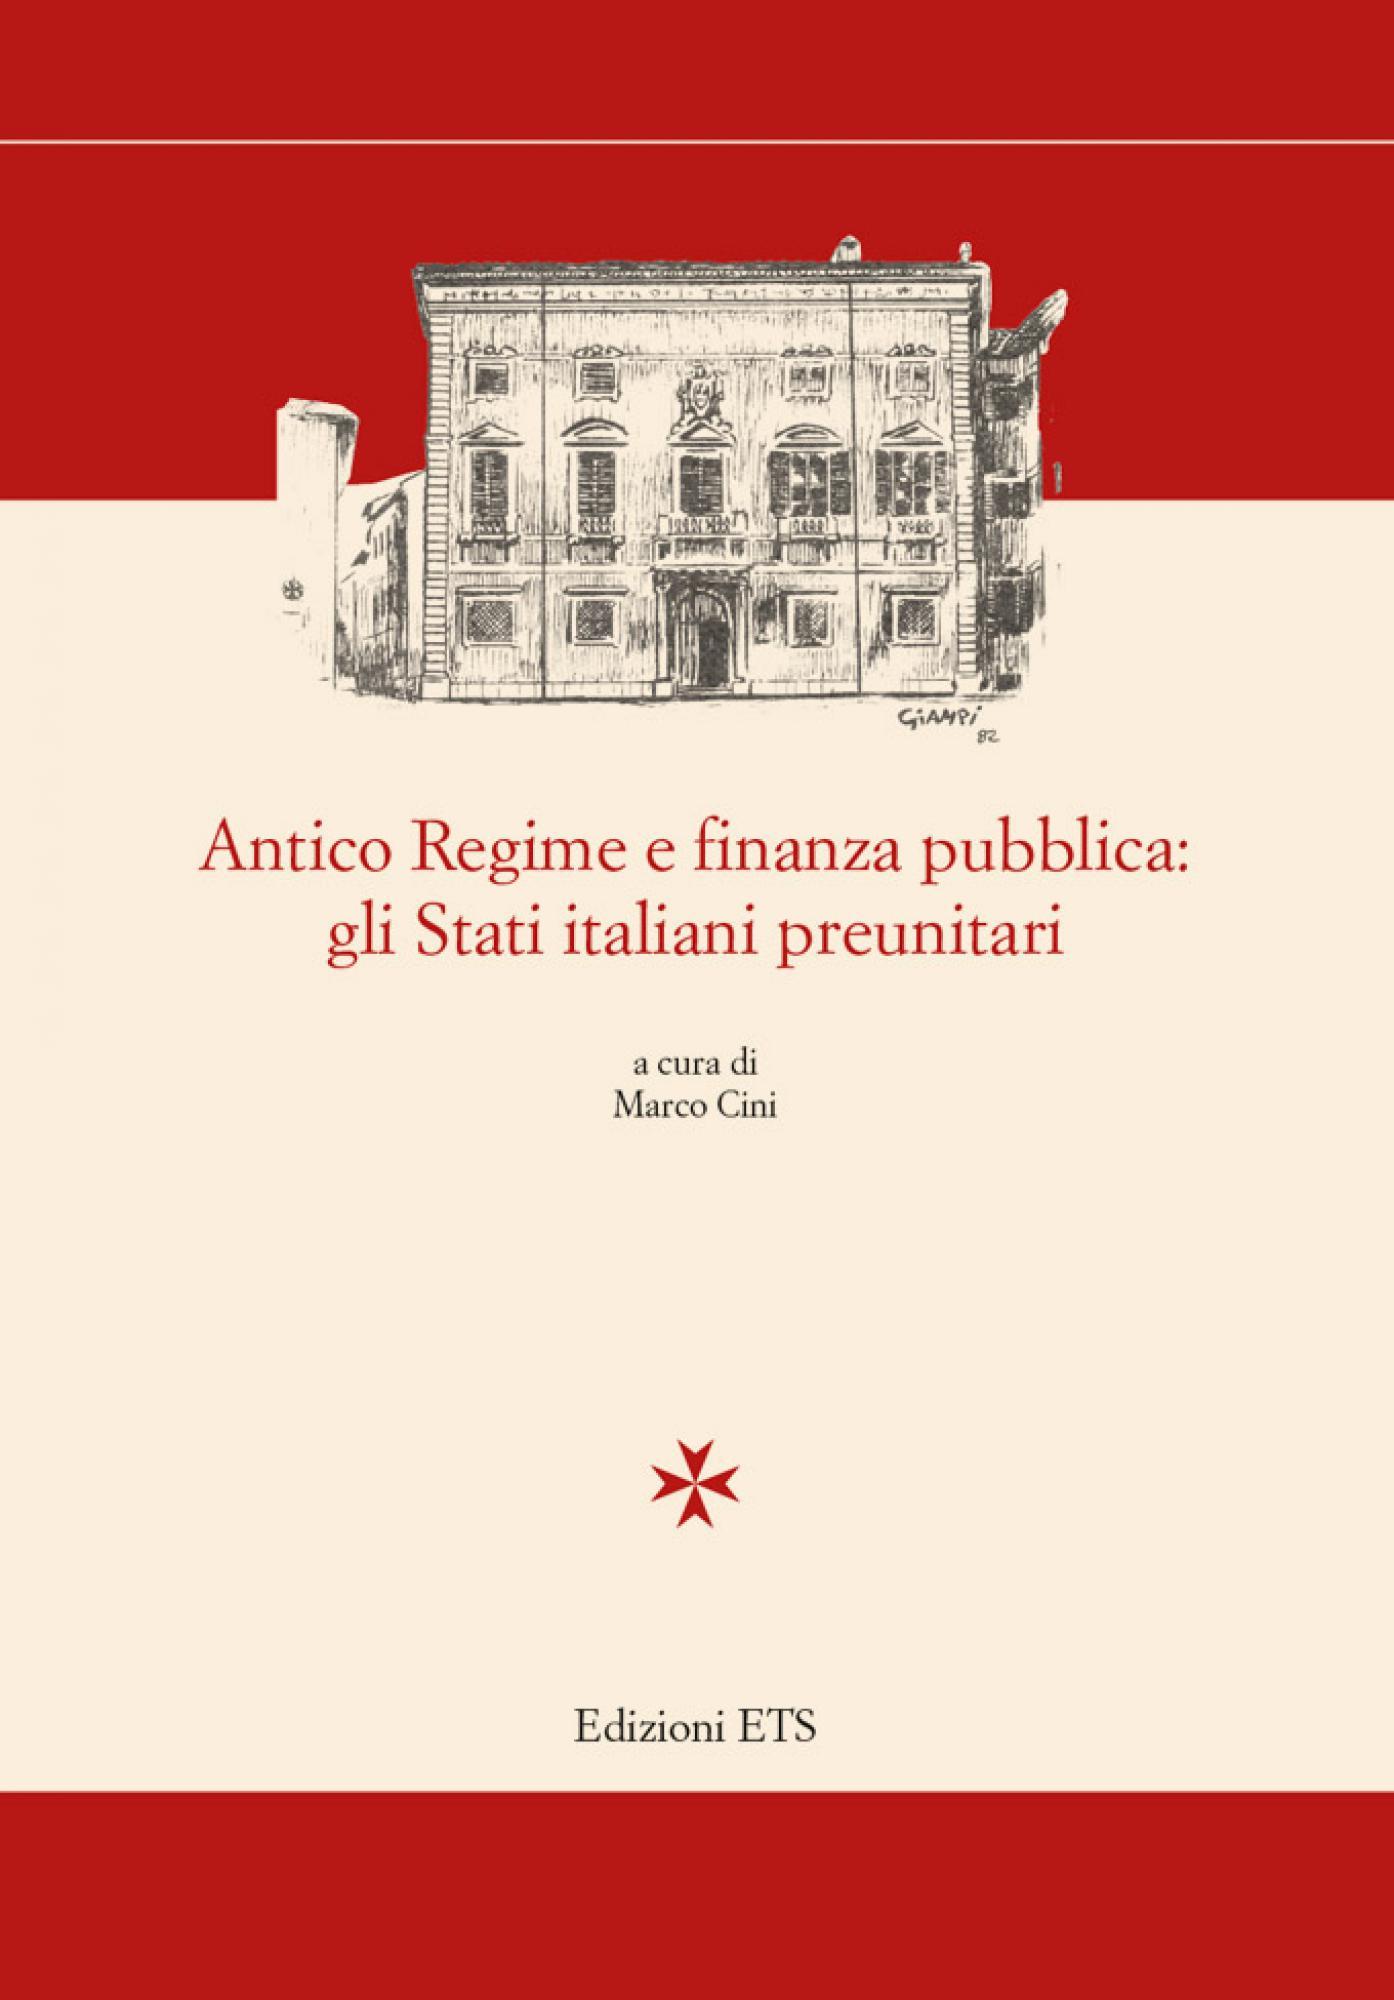 Antico Regime e finanza pubblica: gli Stati italiani preunitari